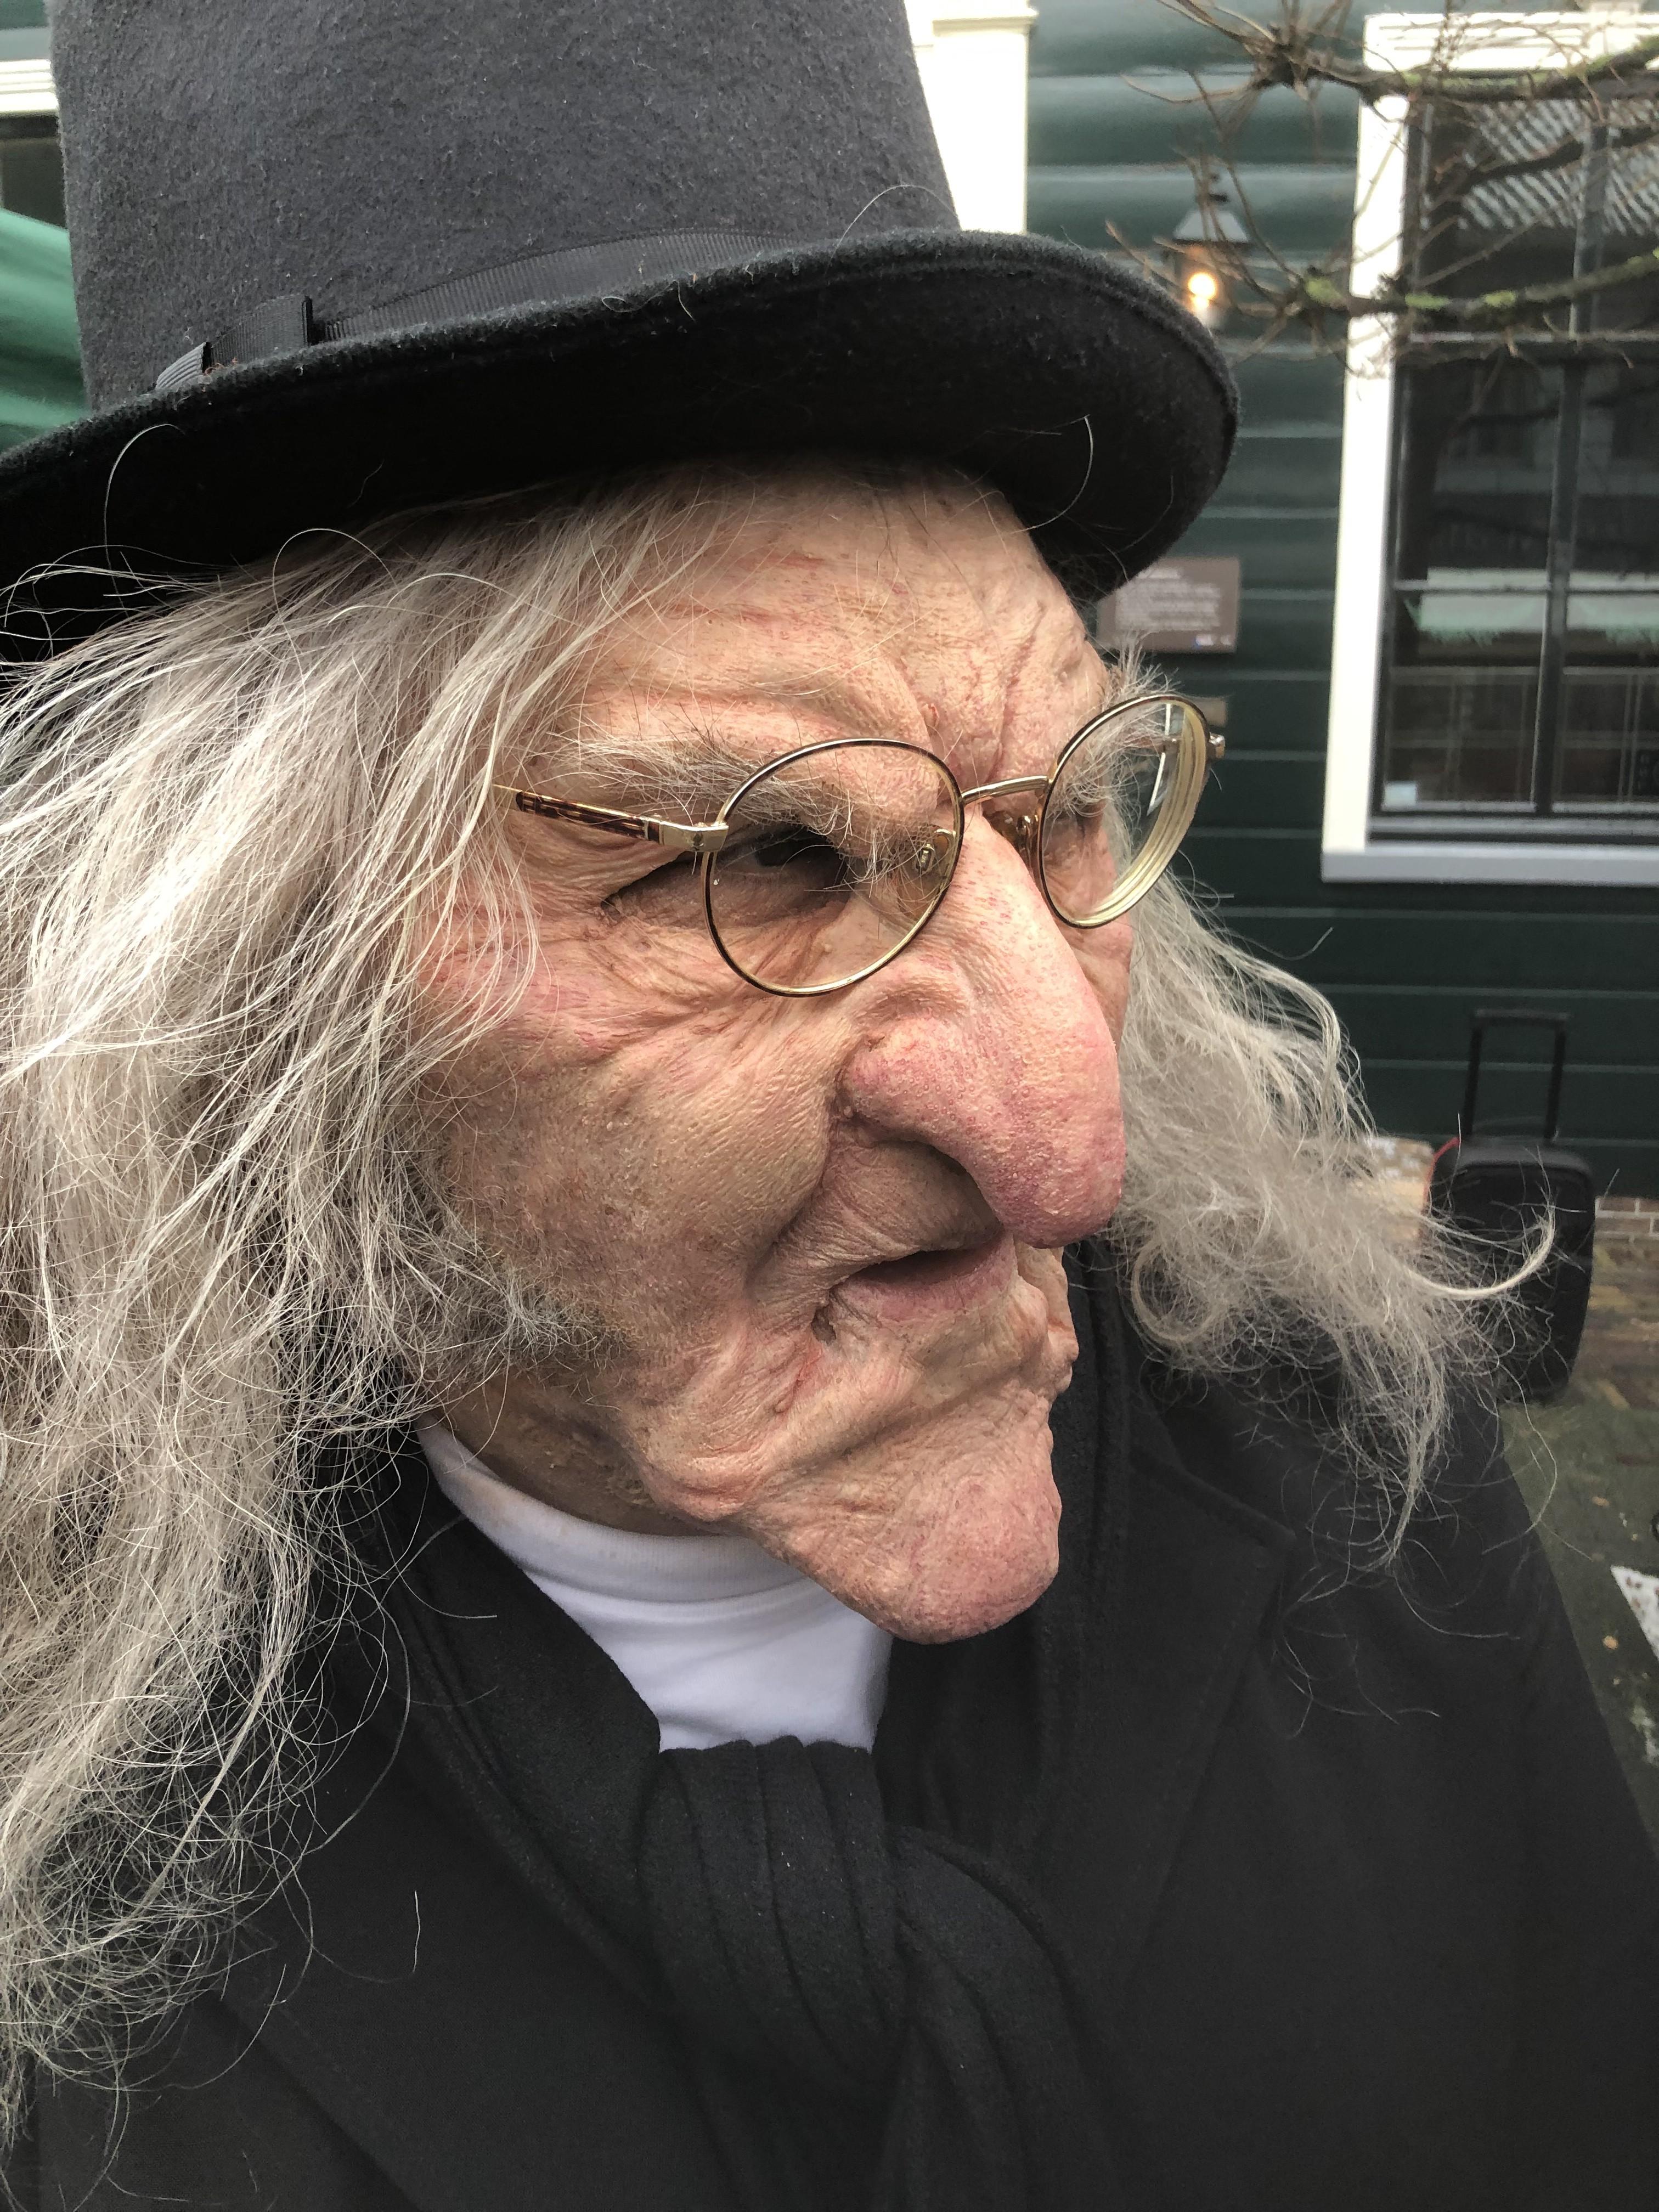 Dicken's Festival Scrooge